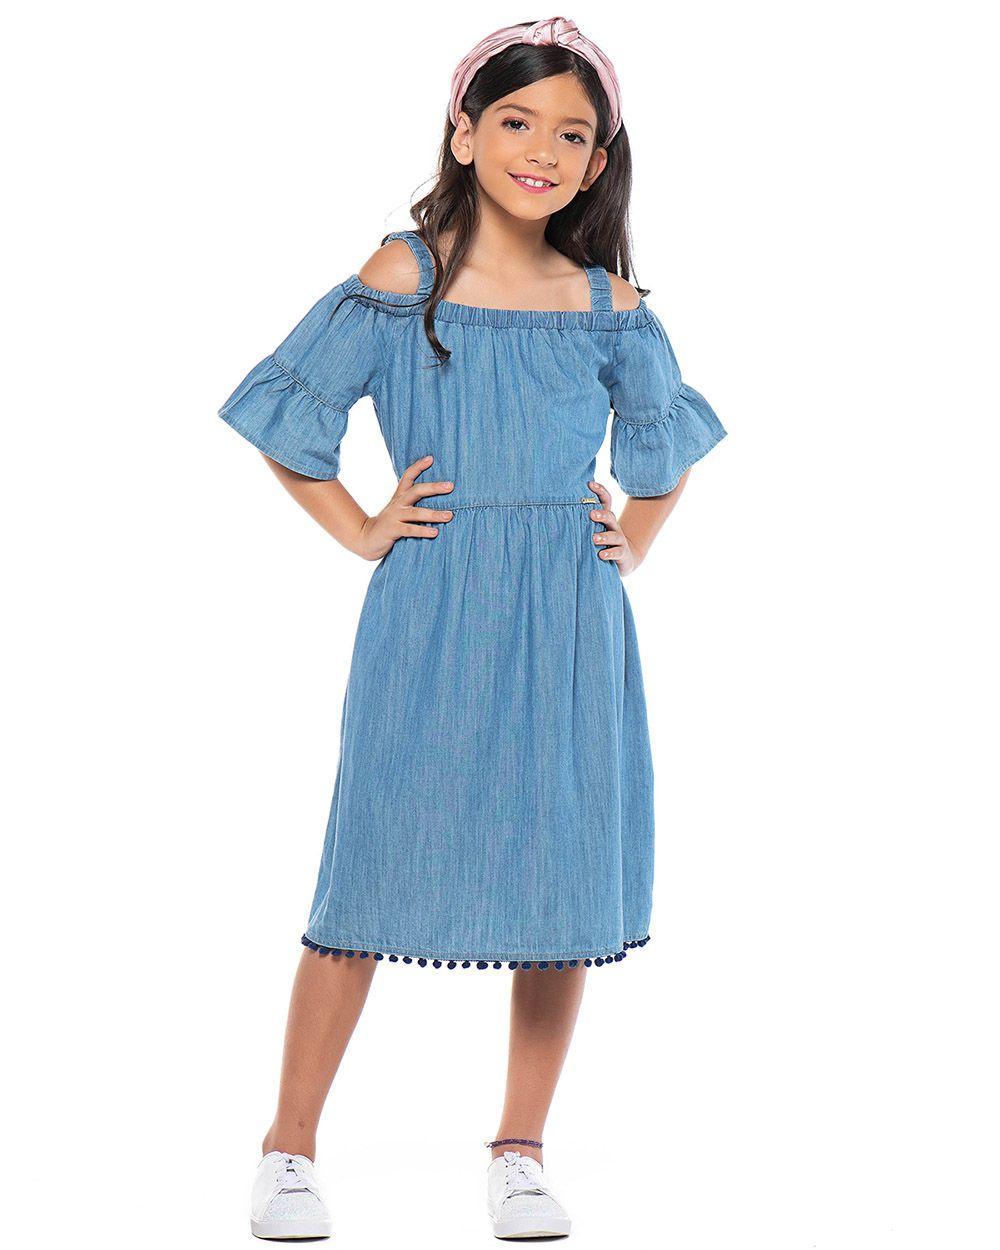 Vestido Menina Mania Kids Jeans Claro 60917